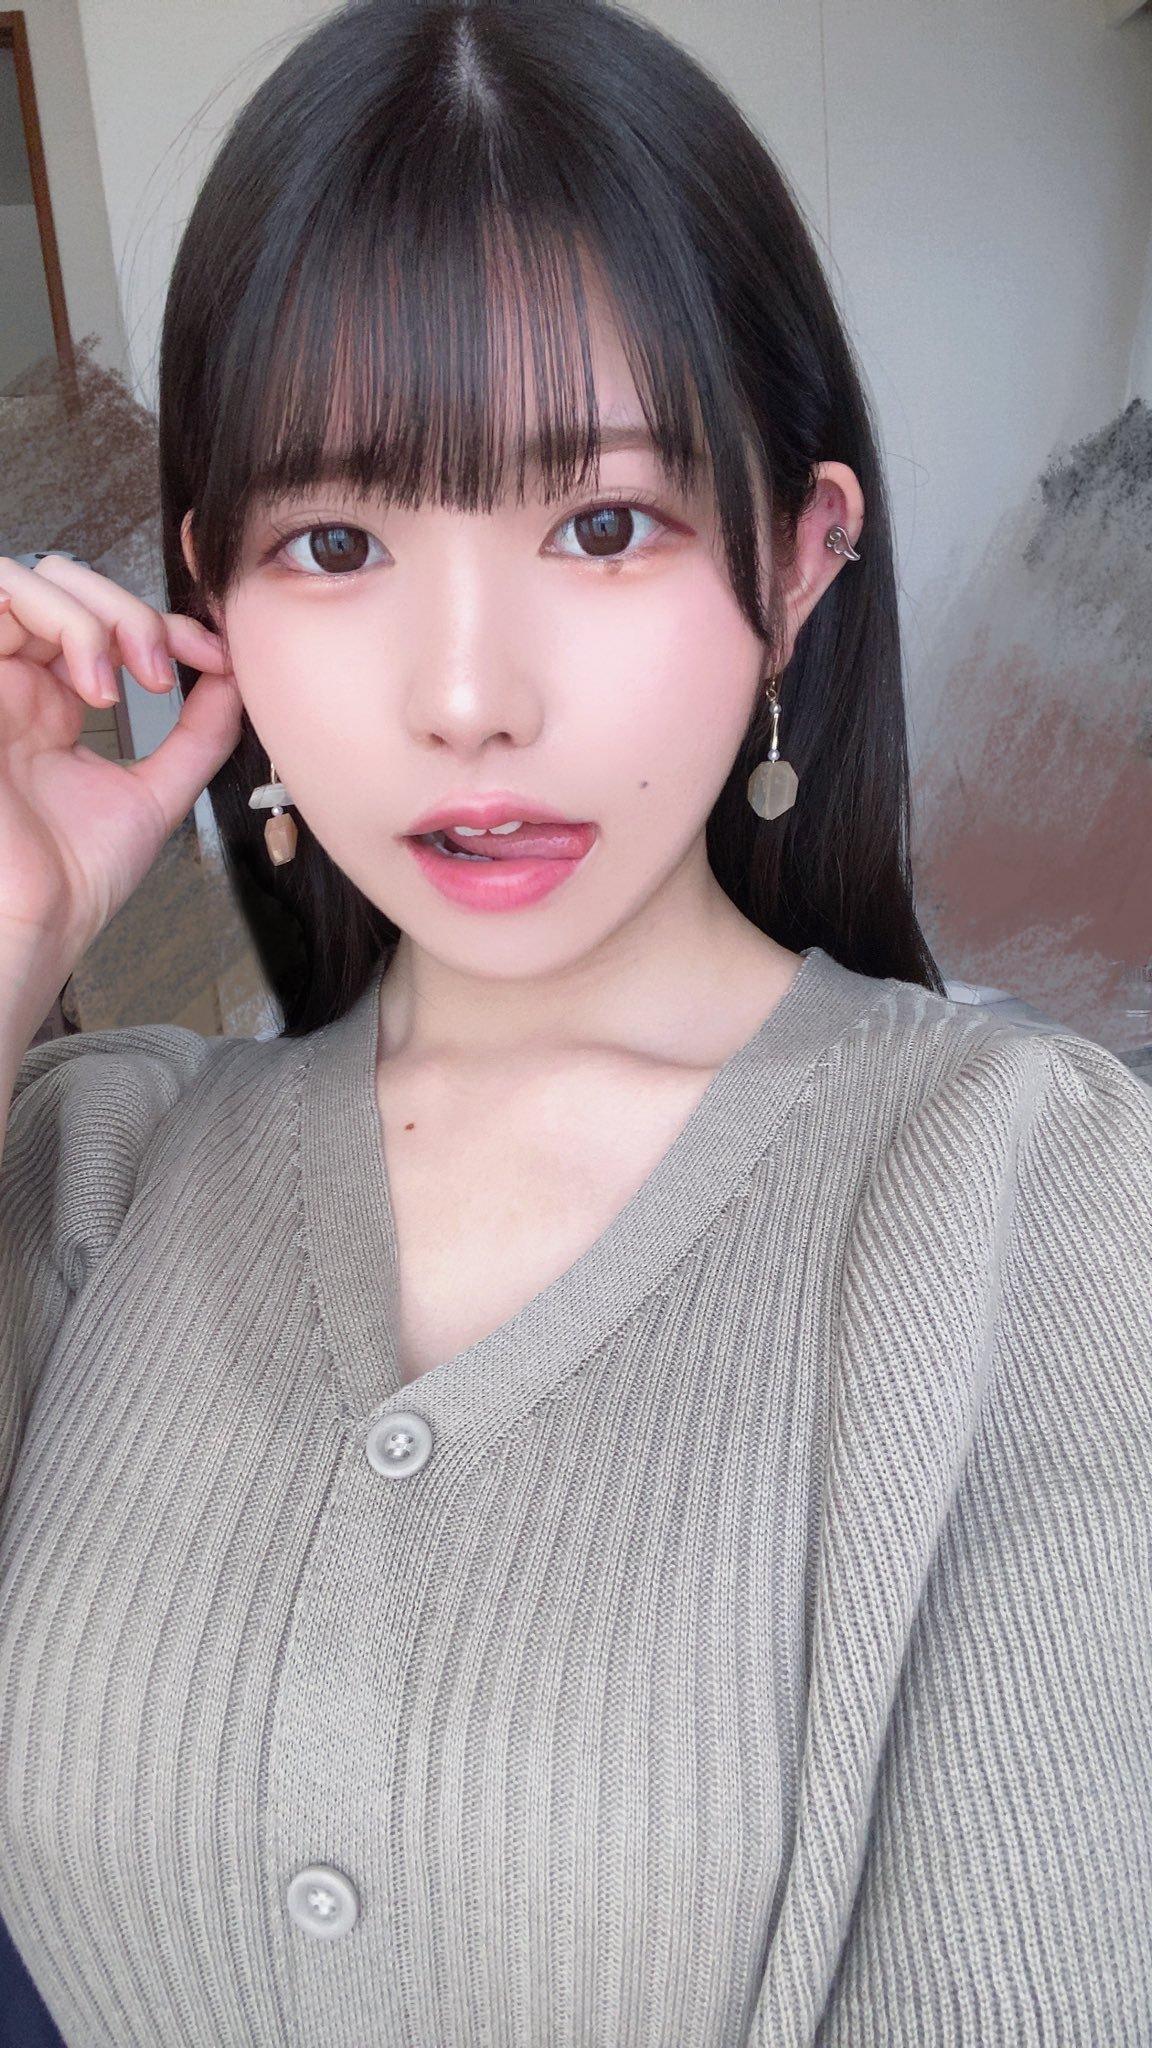 猫耳女仆甜到心坎 海边JK夏日感觉-COS精选二百六十弹 动漫漫画 第69张